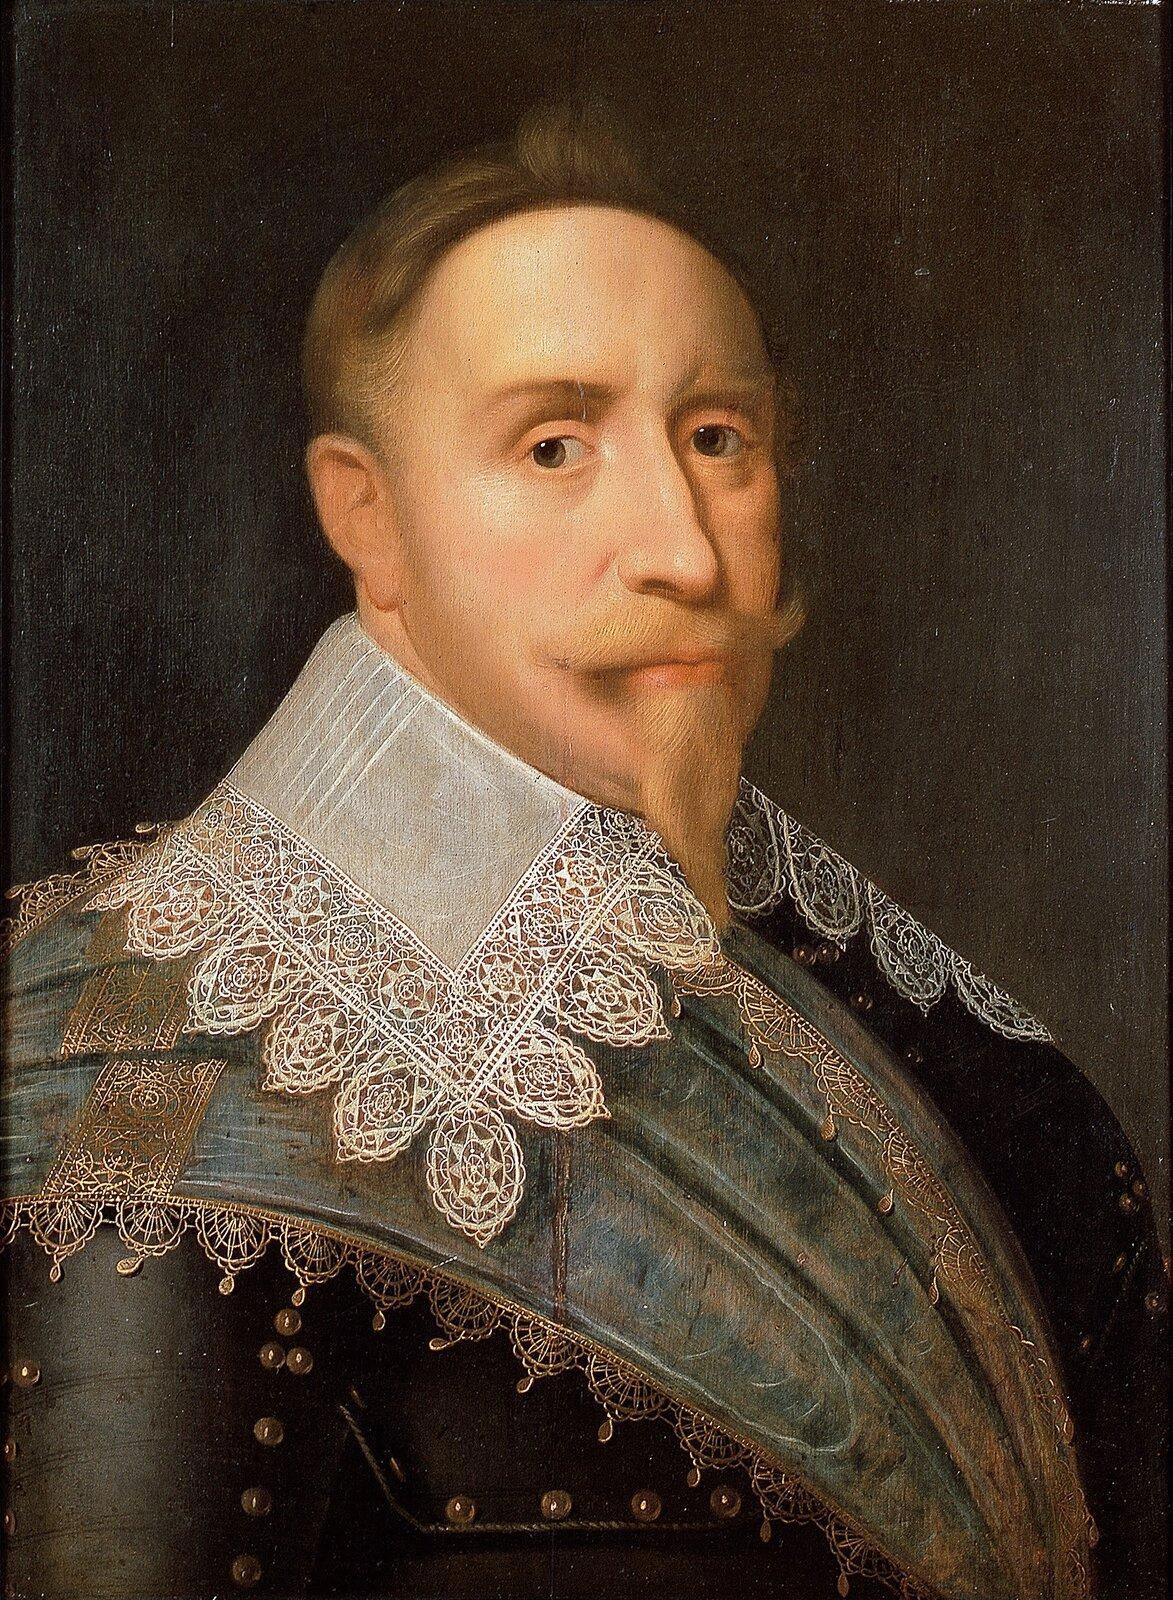 Portret Gustawa Adolfa, króla Szwecji, wwieku 35-37 lat. Na obrazie widać popiersiemężczyznyzhiszpańską bródką iwąsami. Ubrany jest wbogaty kaftan zwykładanym dużym kołnierzem, obrzeżonym koronką. Król zwrócony jest nieco wprawo, lecz wzrok ma skierowany na widza.